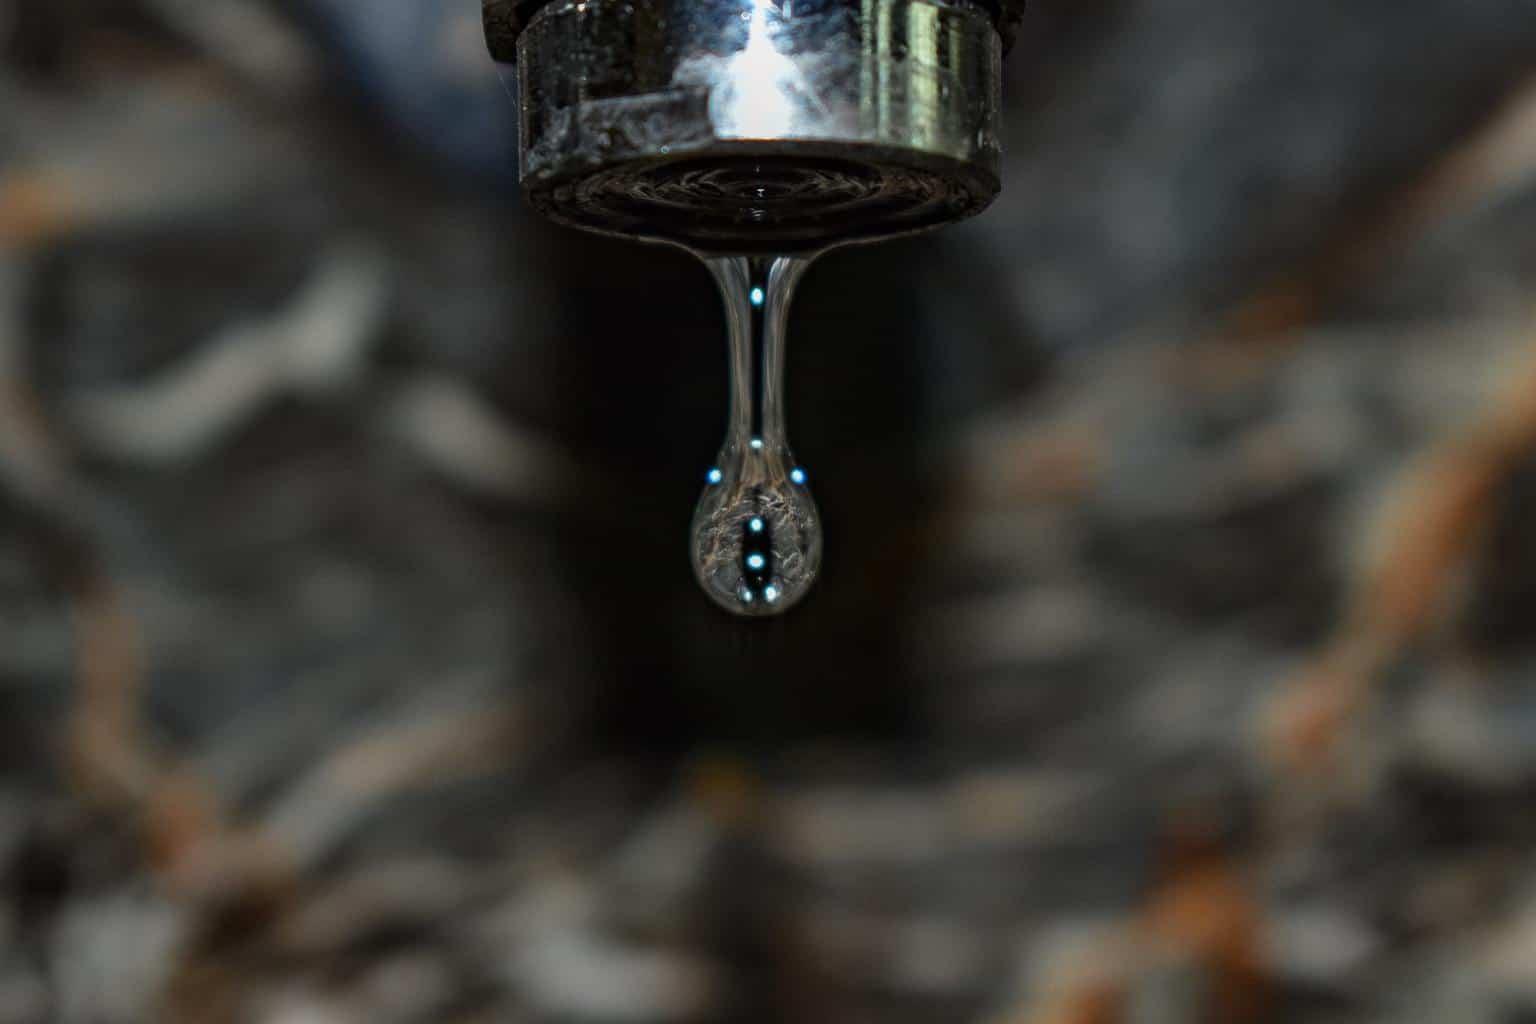 Full Size of Ausziehbarer Wasserhahn Undicht Luft Nach Ursachen Einfache Lsungen Für Küche Bad Esstisch Wandanschluss Wohnzimmer Ausziehbarer Wasserhahn Undicht